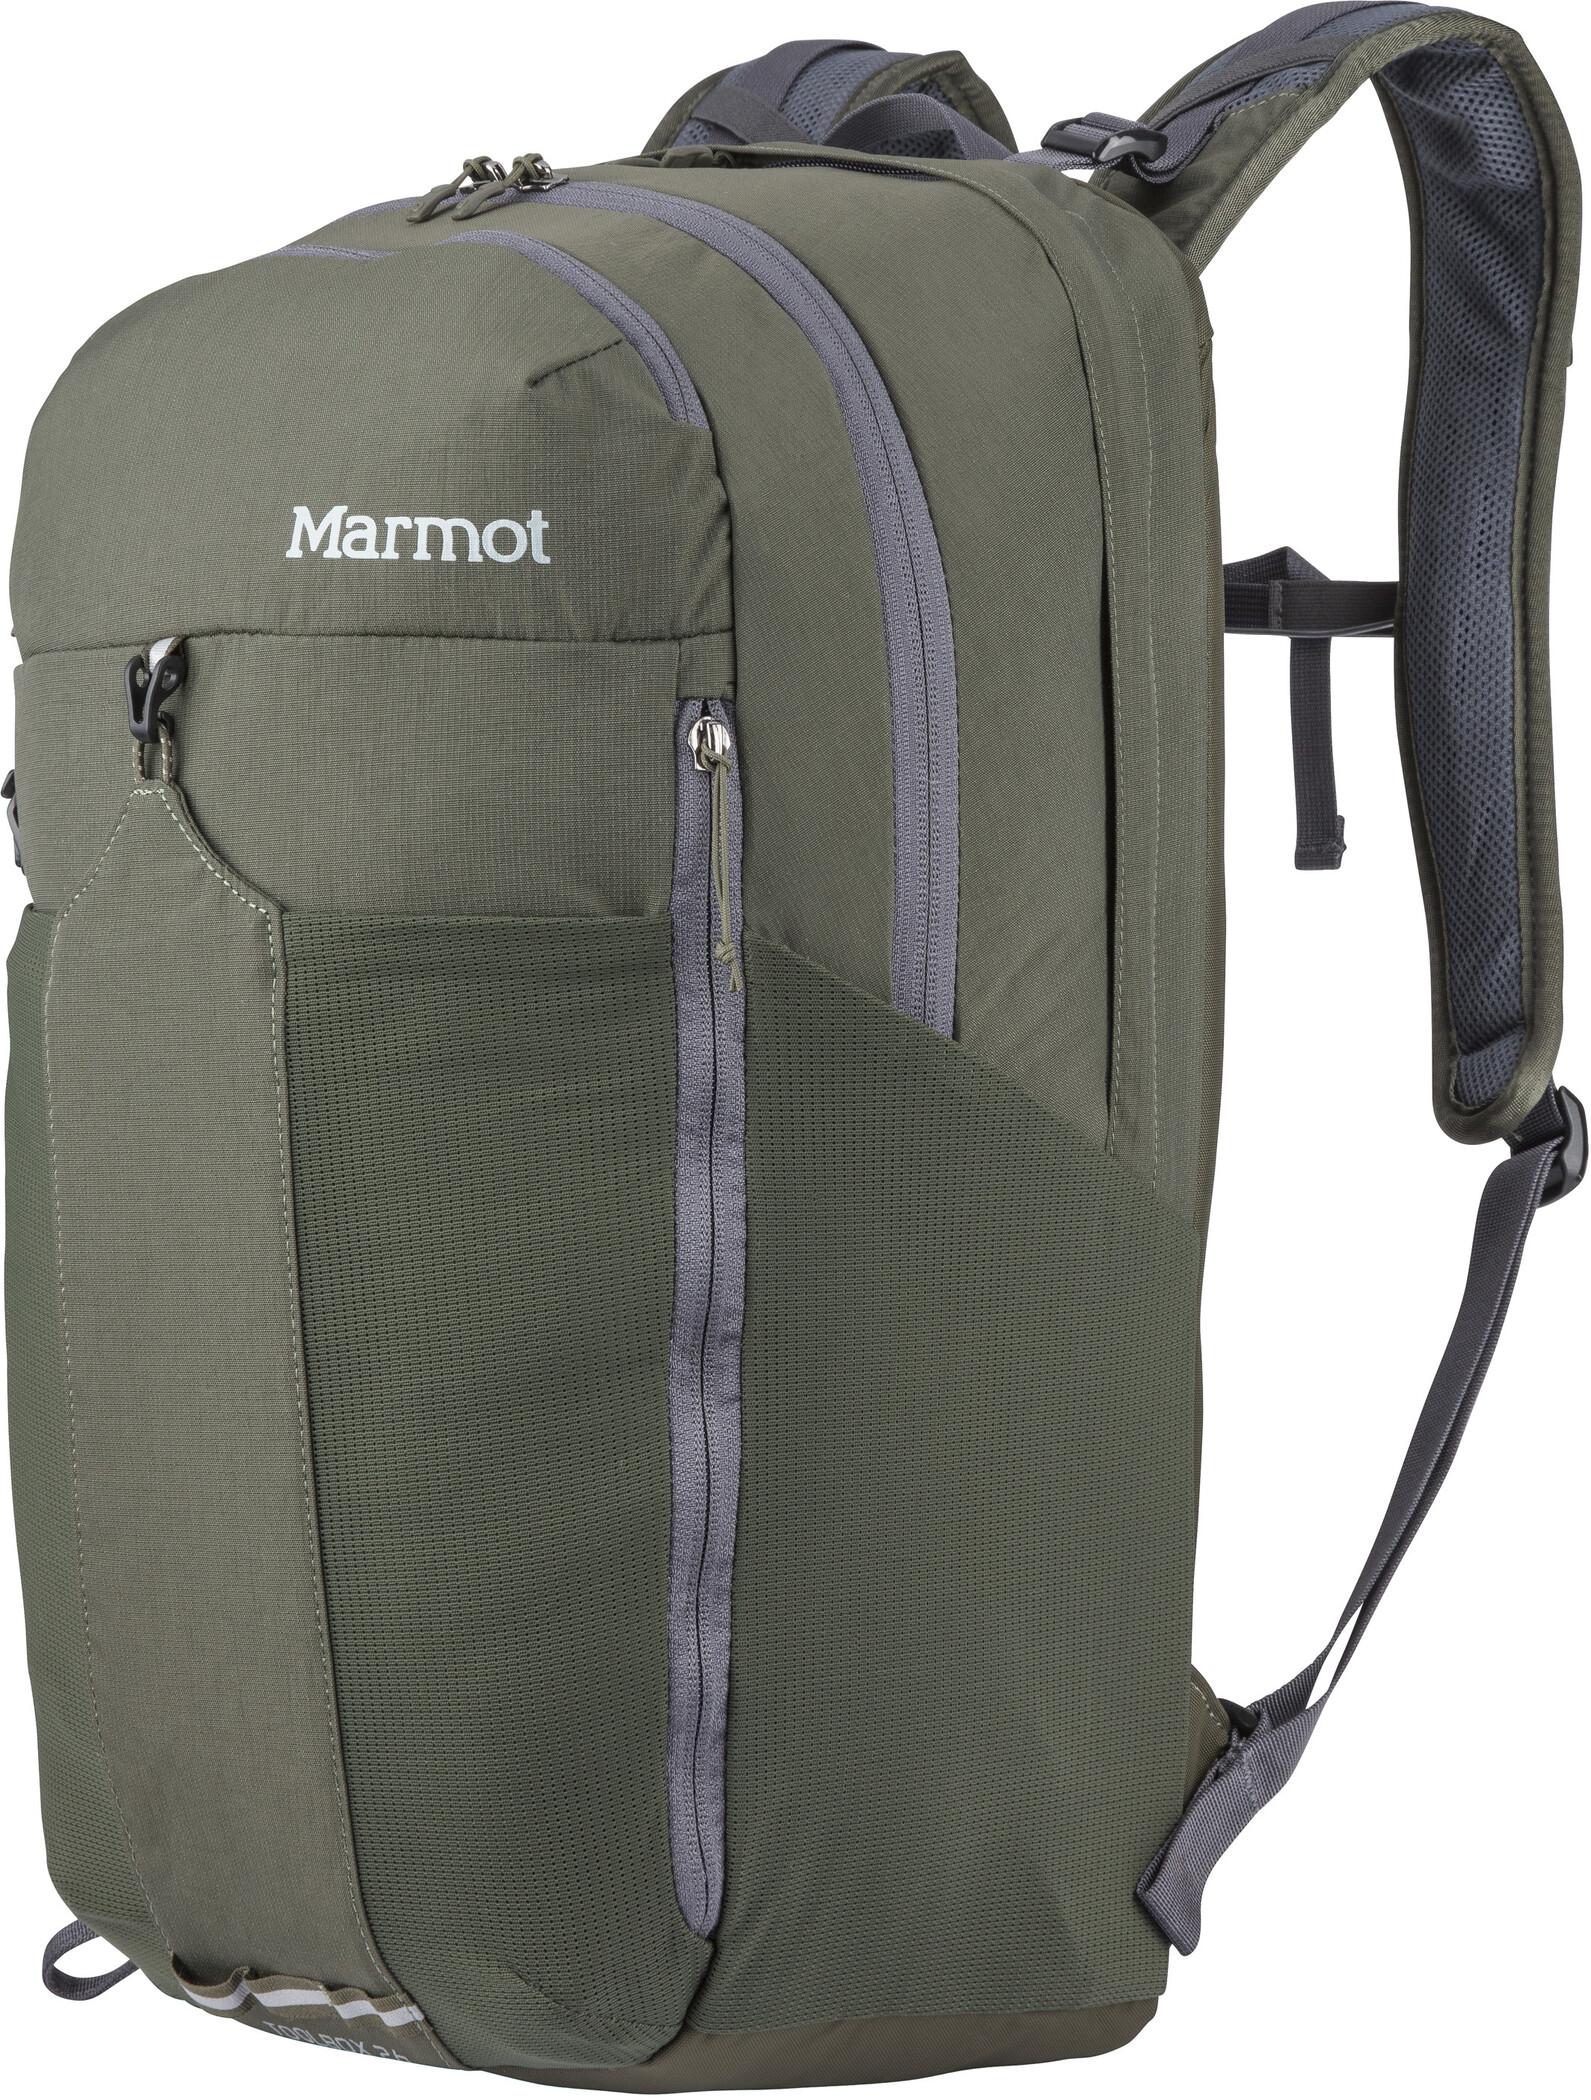 Marmot Klätterjackor – stort utbud |